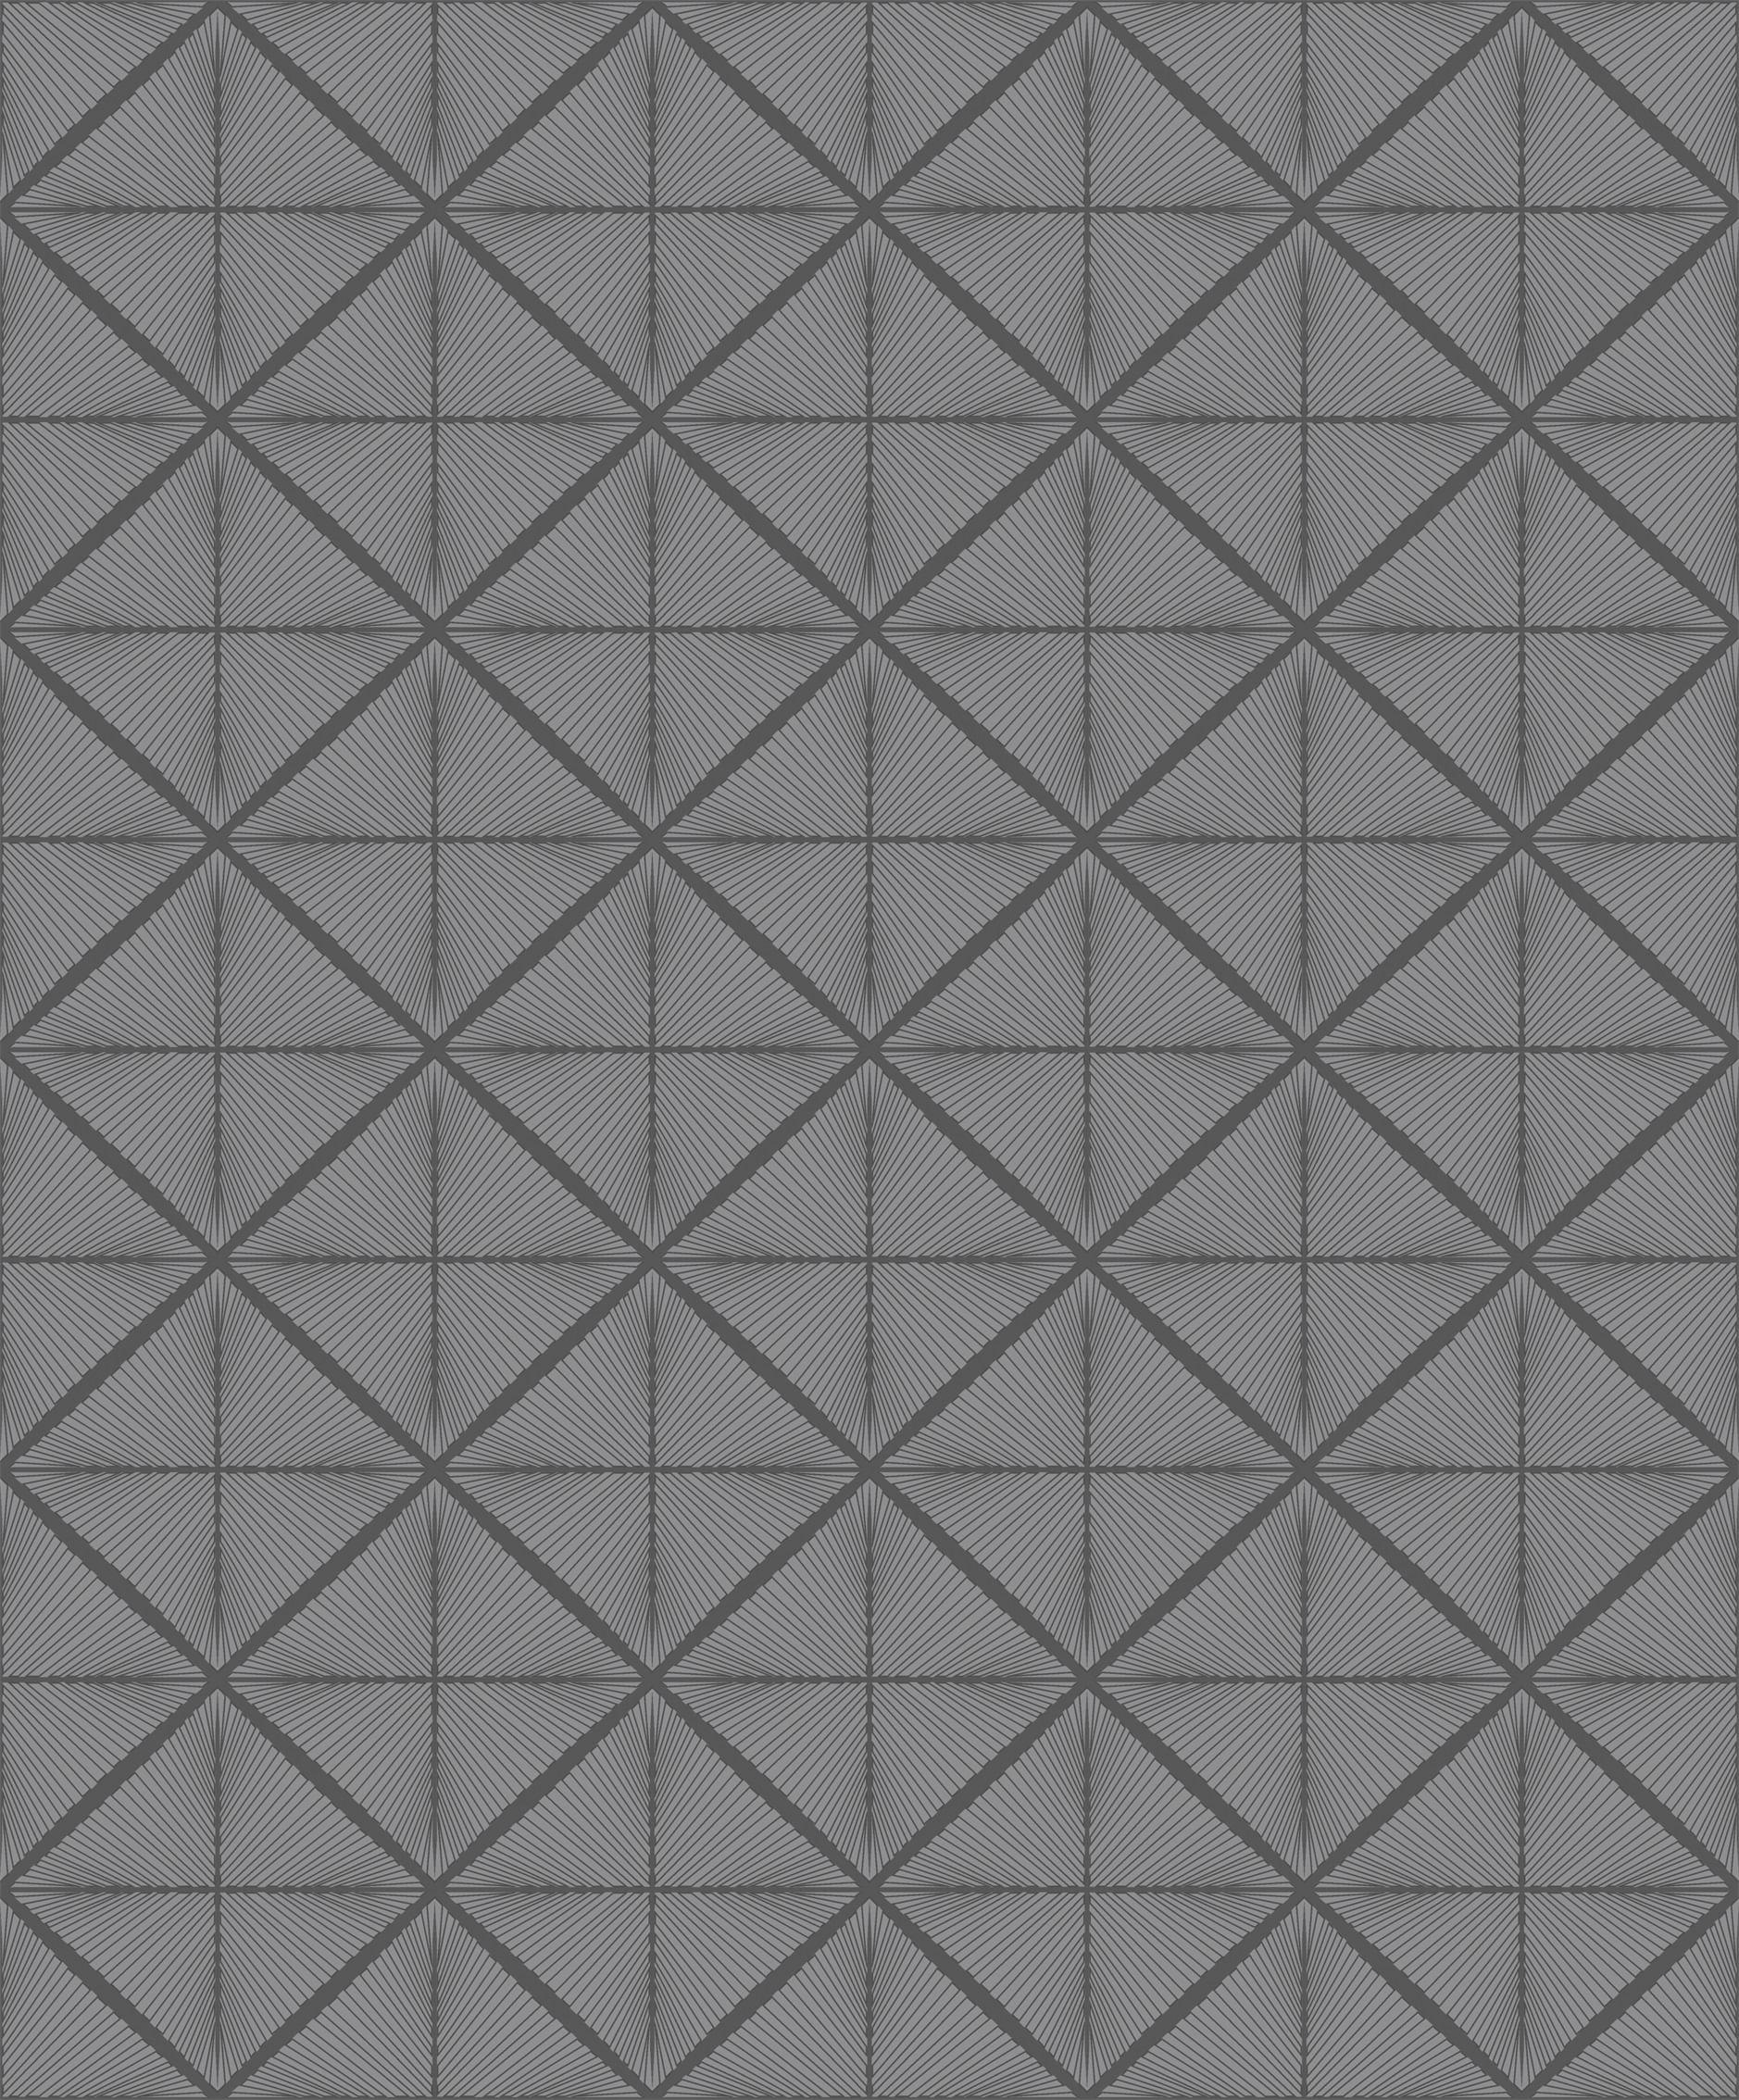 Papel de Parede Modern Maison Geométrico MM558305 - Rolo: 10m x 0,52m